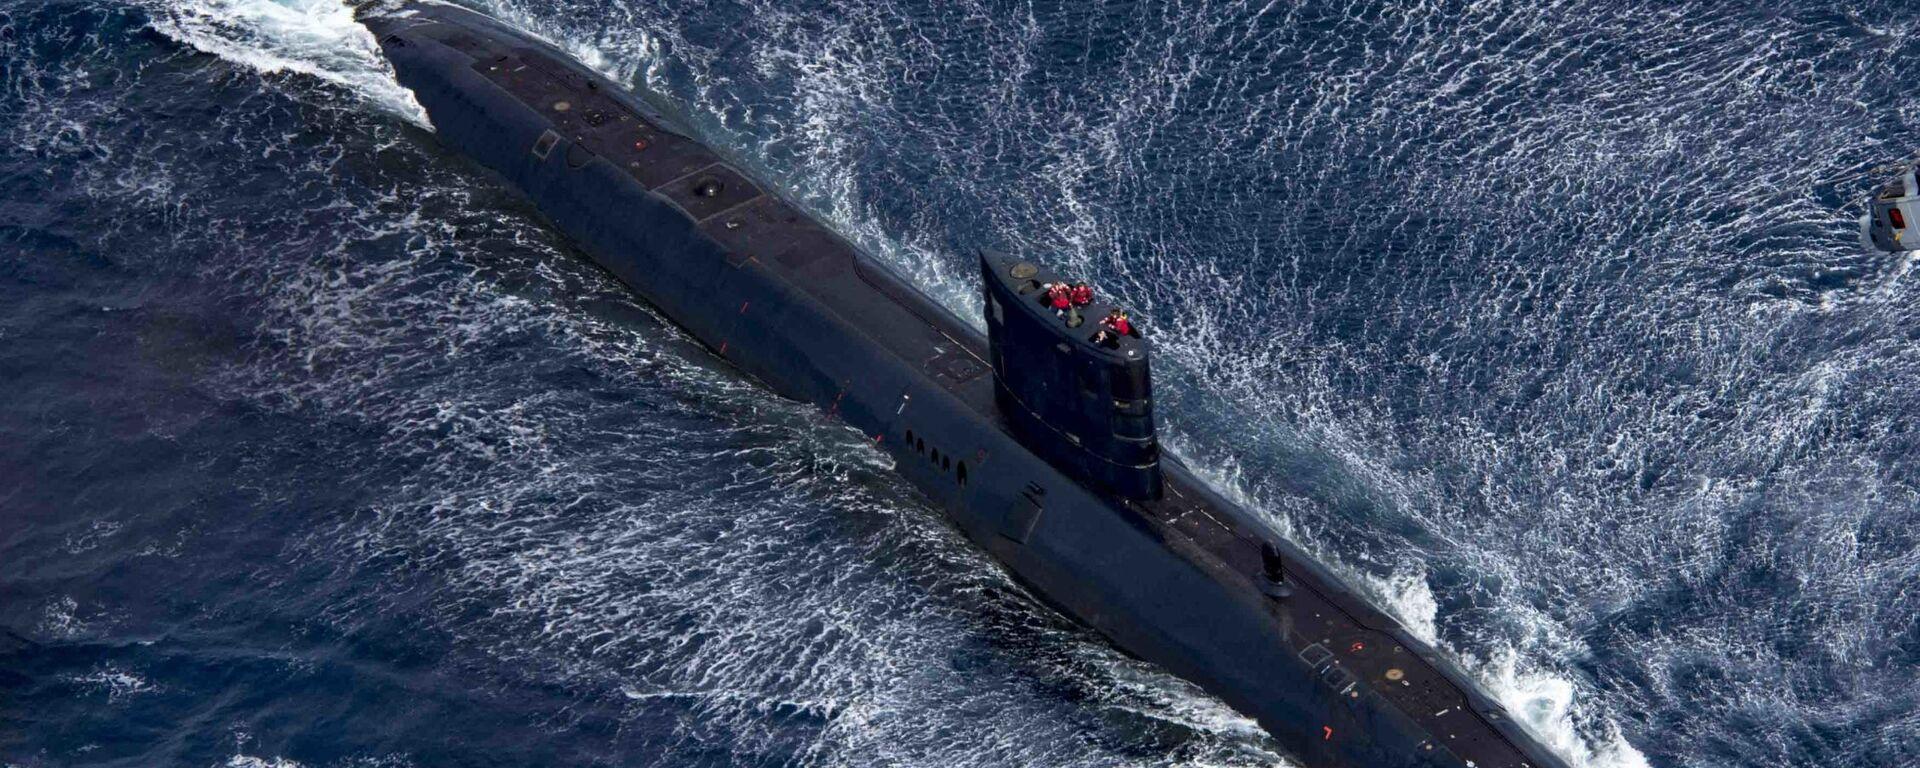 """Британска нуклеарна подморница """"Тренчент - Sputnik Србија, 1920, 10.07.2020"""